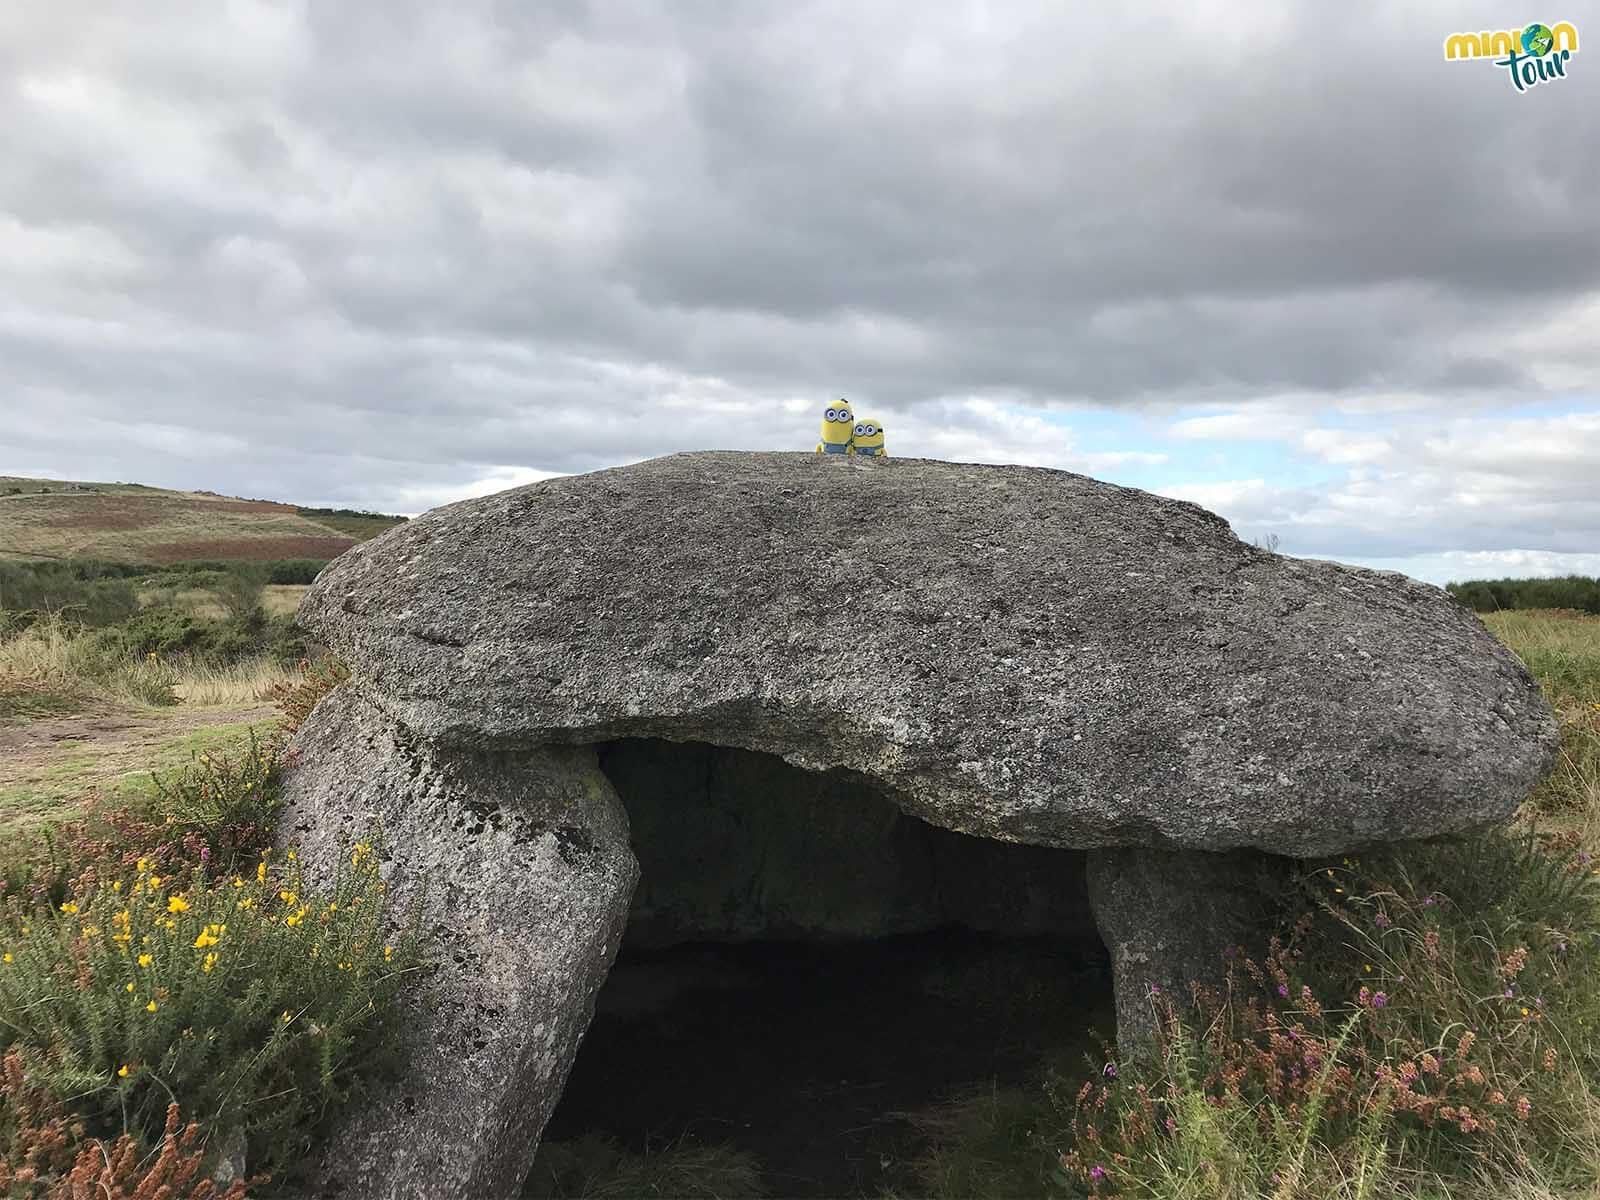 Vamos a ver el dolmen desde todos los lados